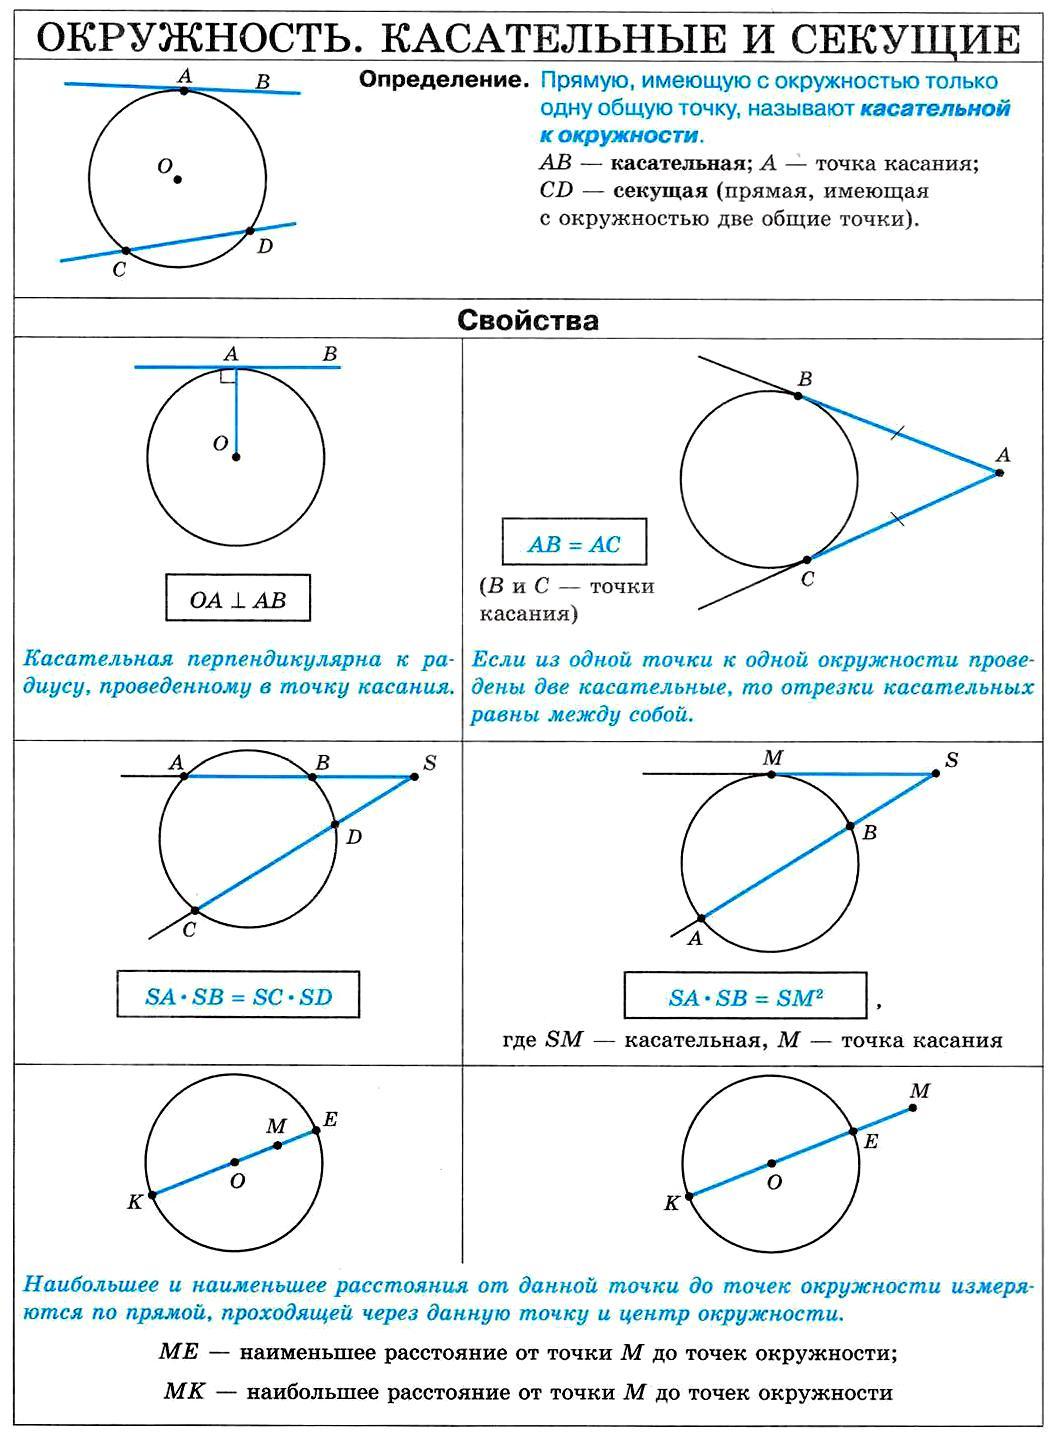 Что такое касательная к окружности? свойства касательной к окружности. общая касательная к двум окружностям